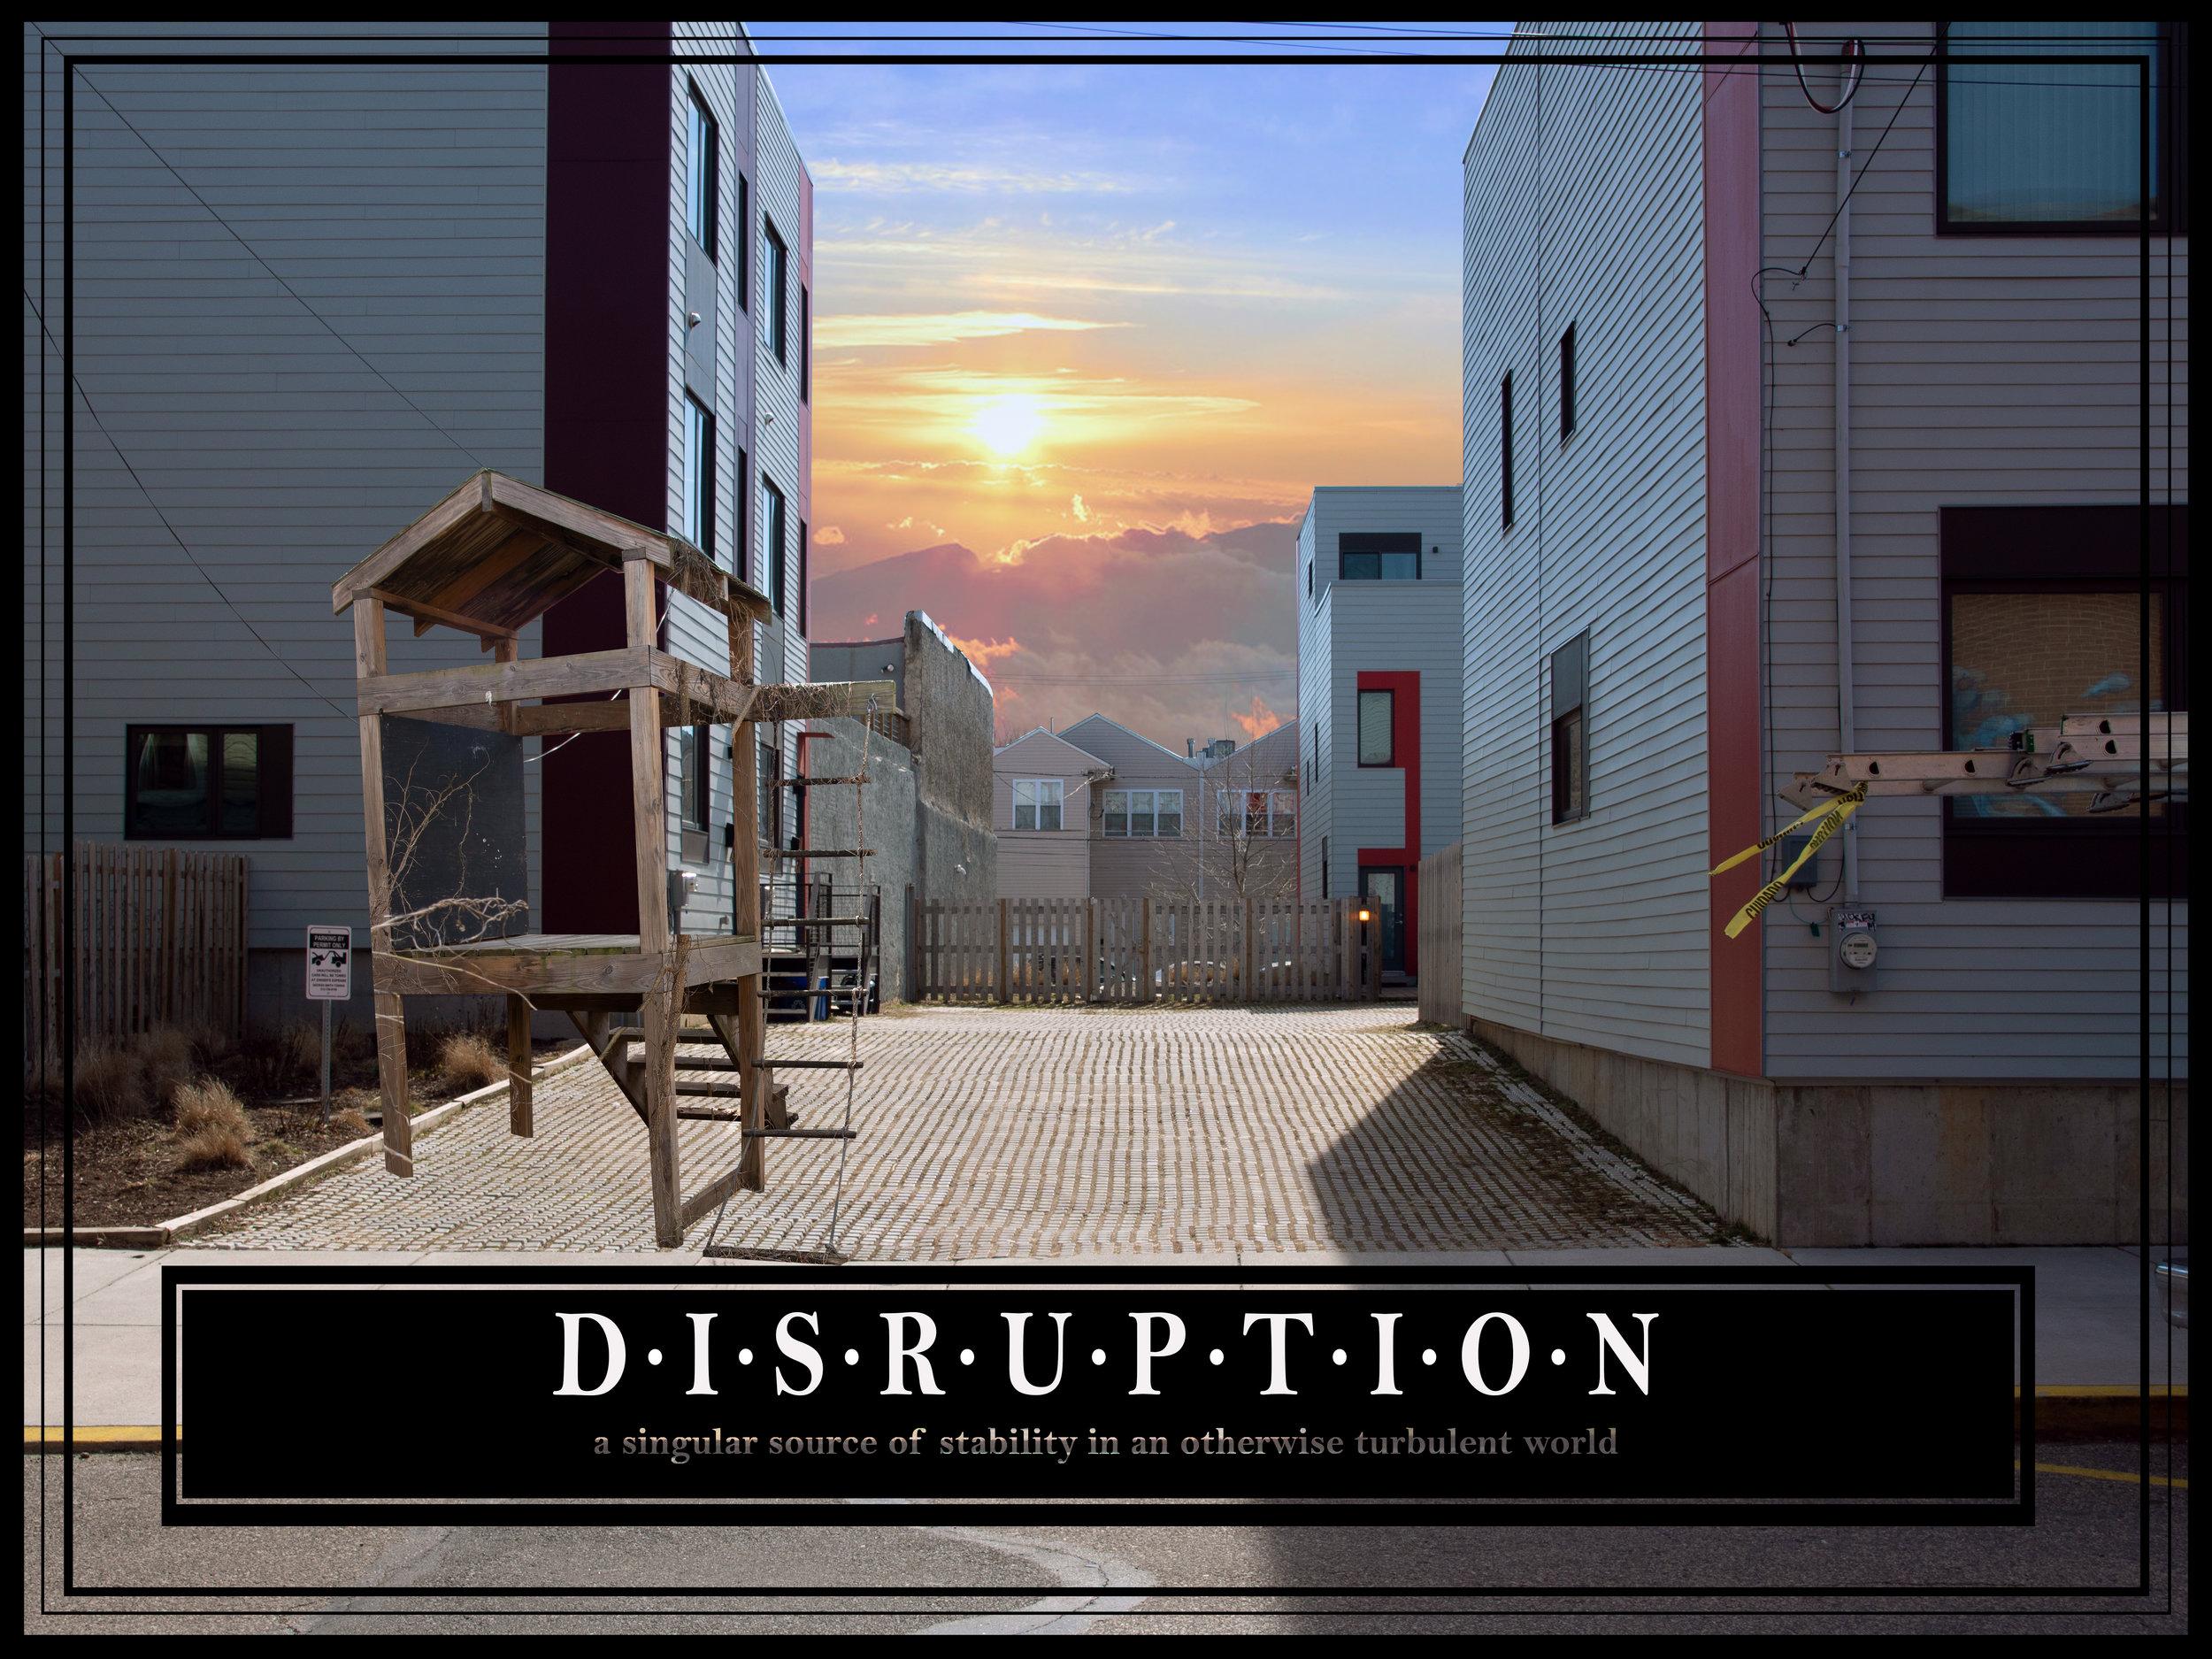 disruption_flat.jpg